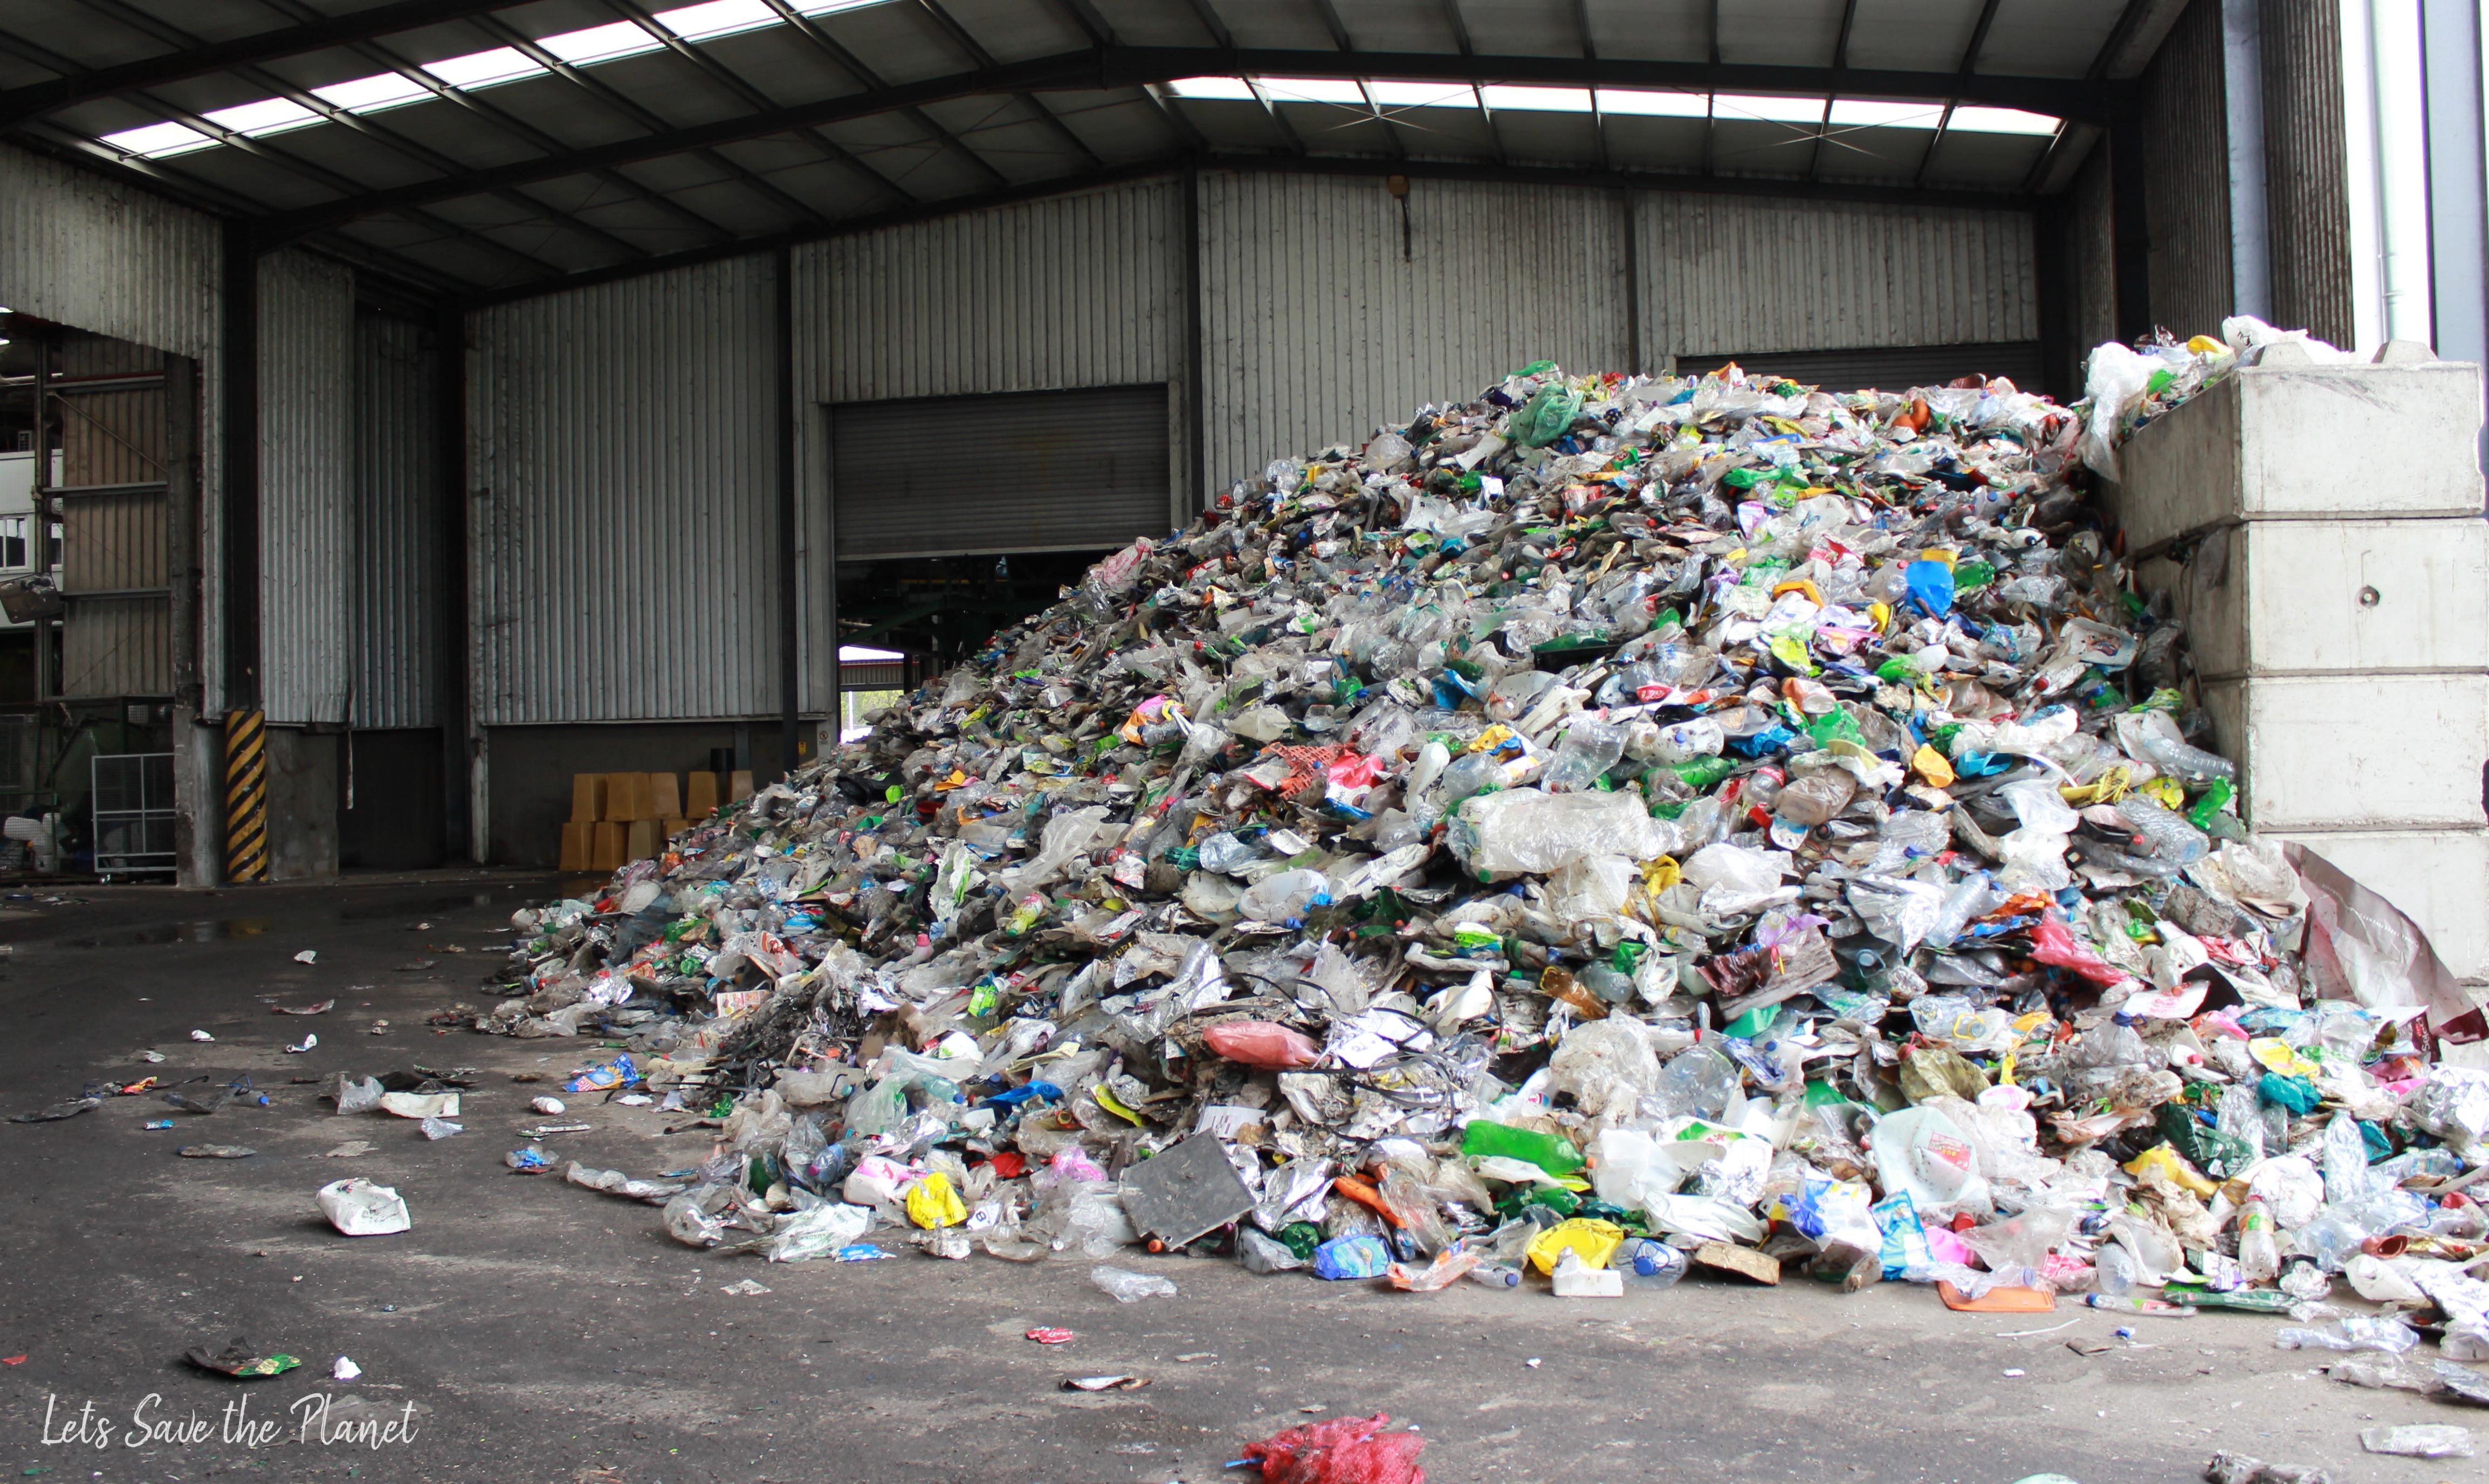 Central de triagem, local onde o plástico é deixado para ser reparado pelo seu tipo.